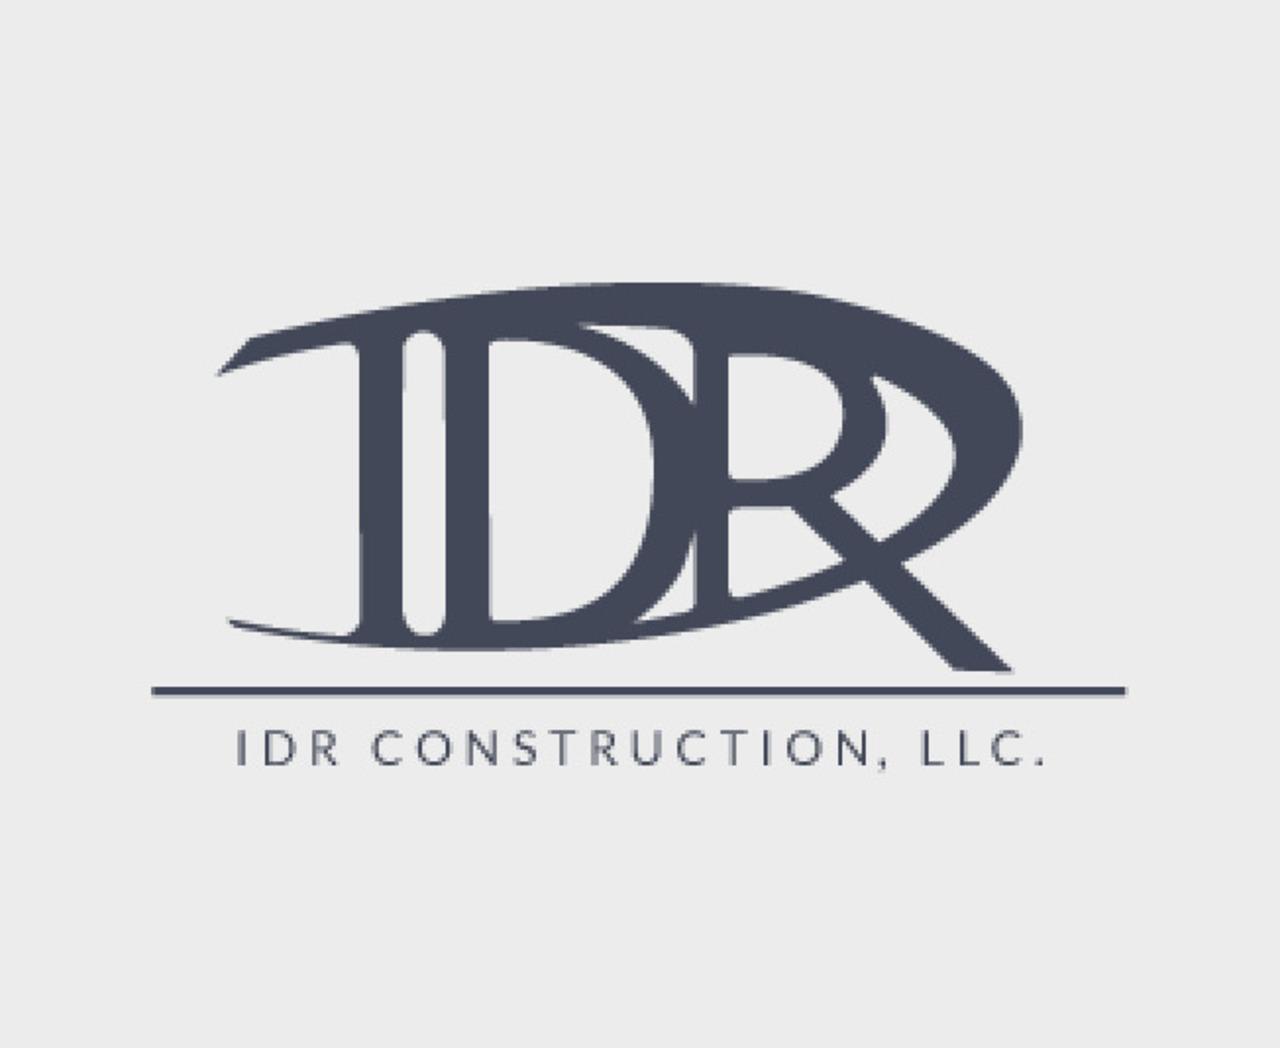 IDR Construction